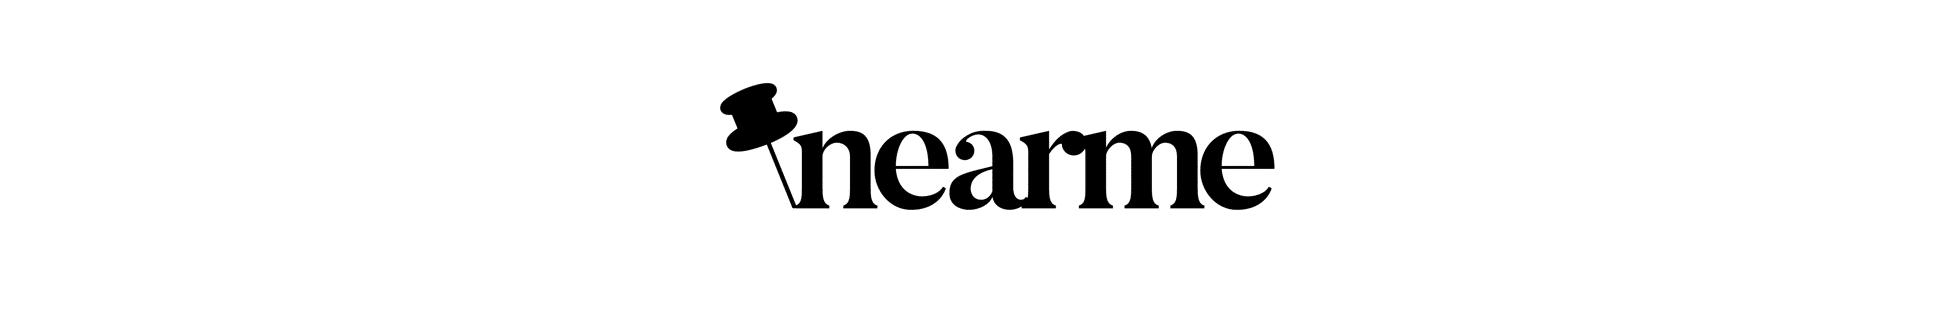 Nearme.com.sg